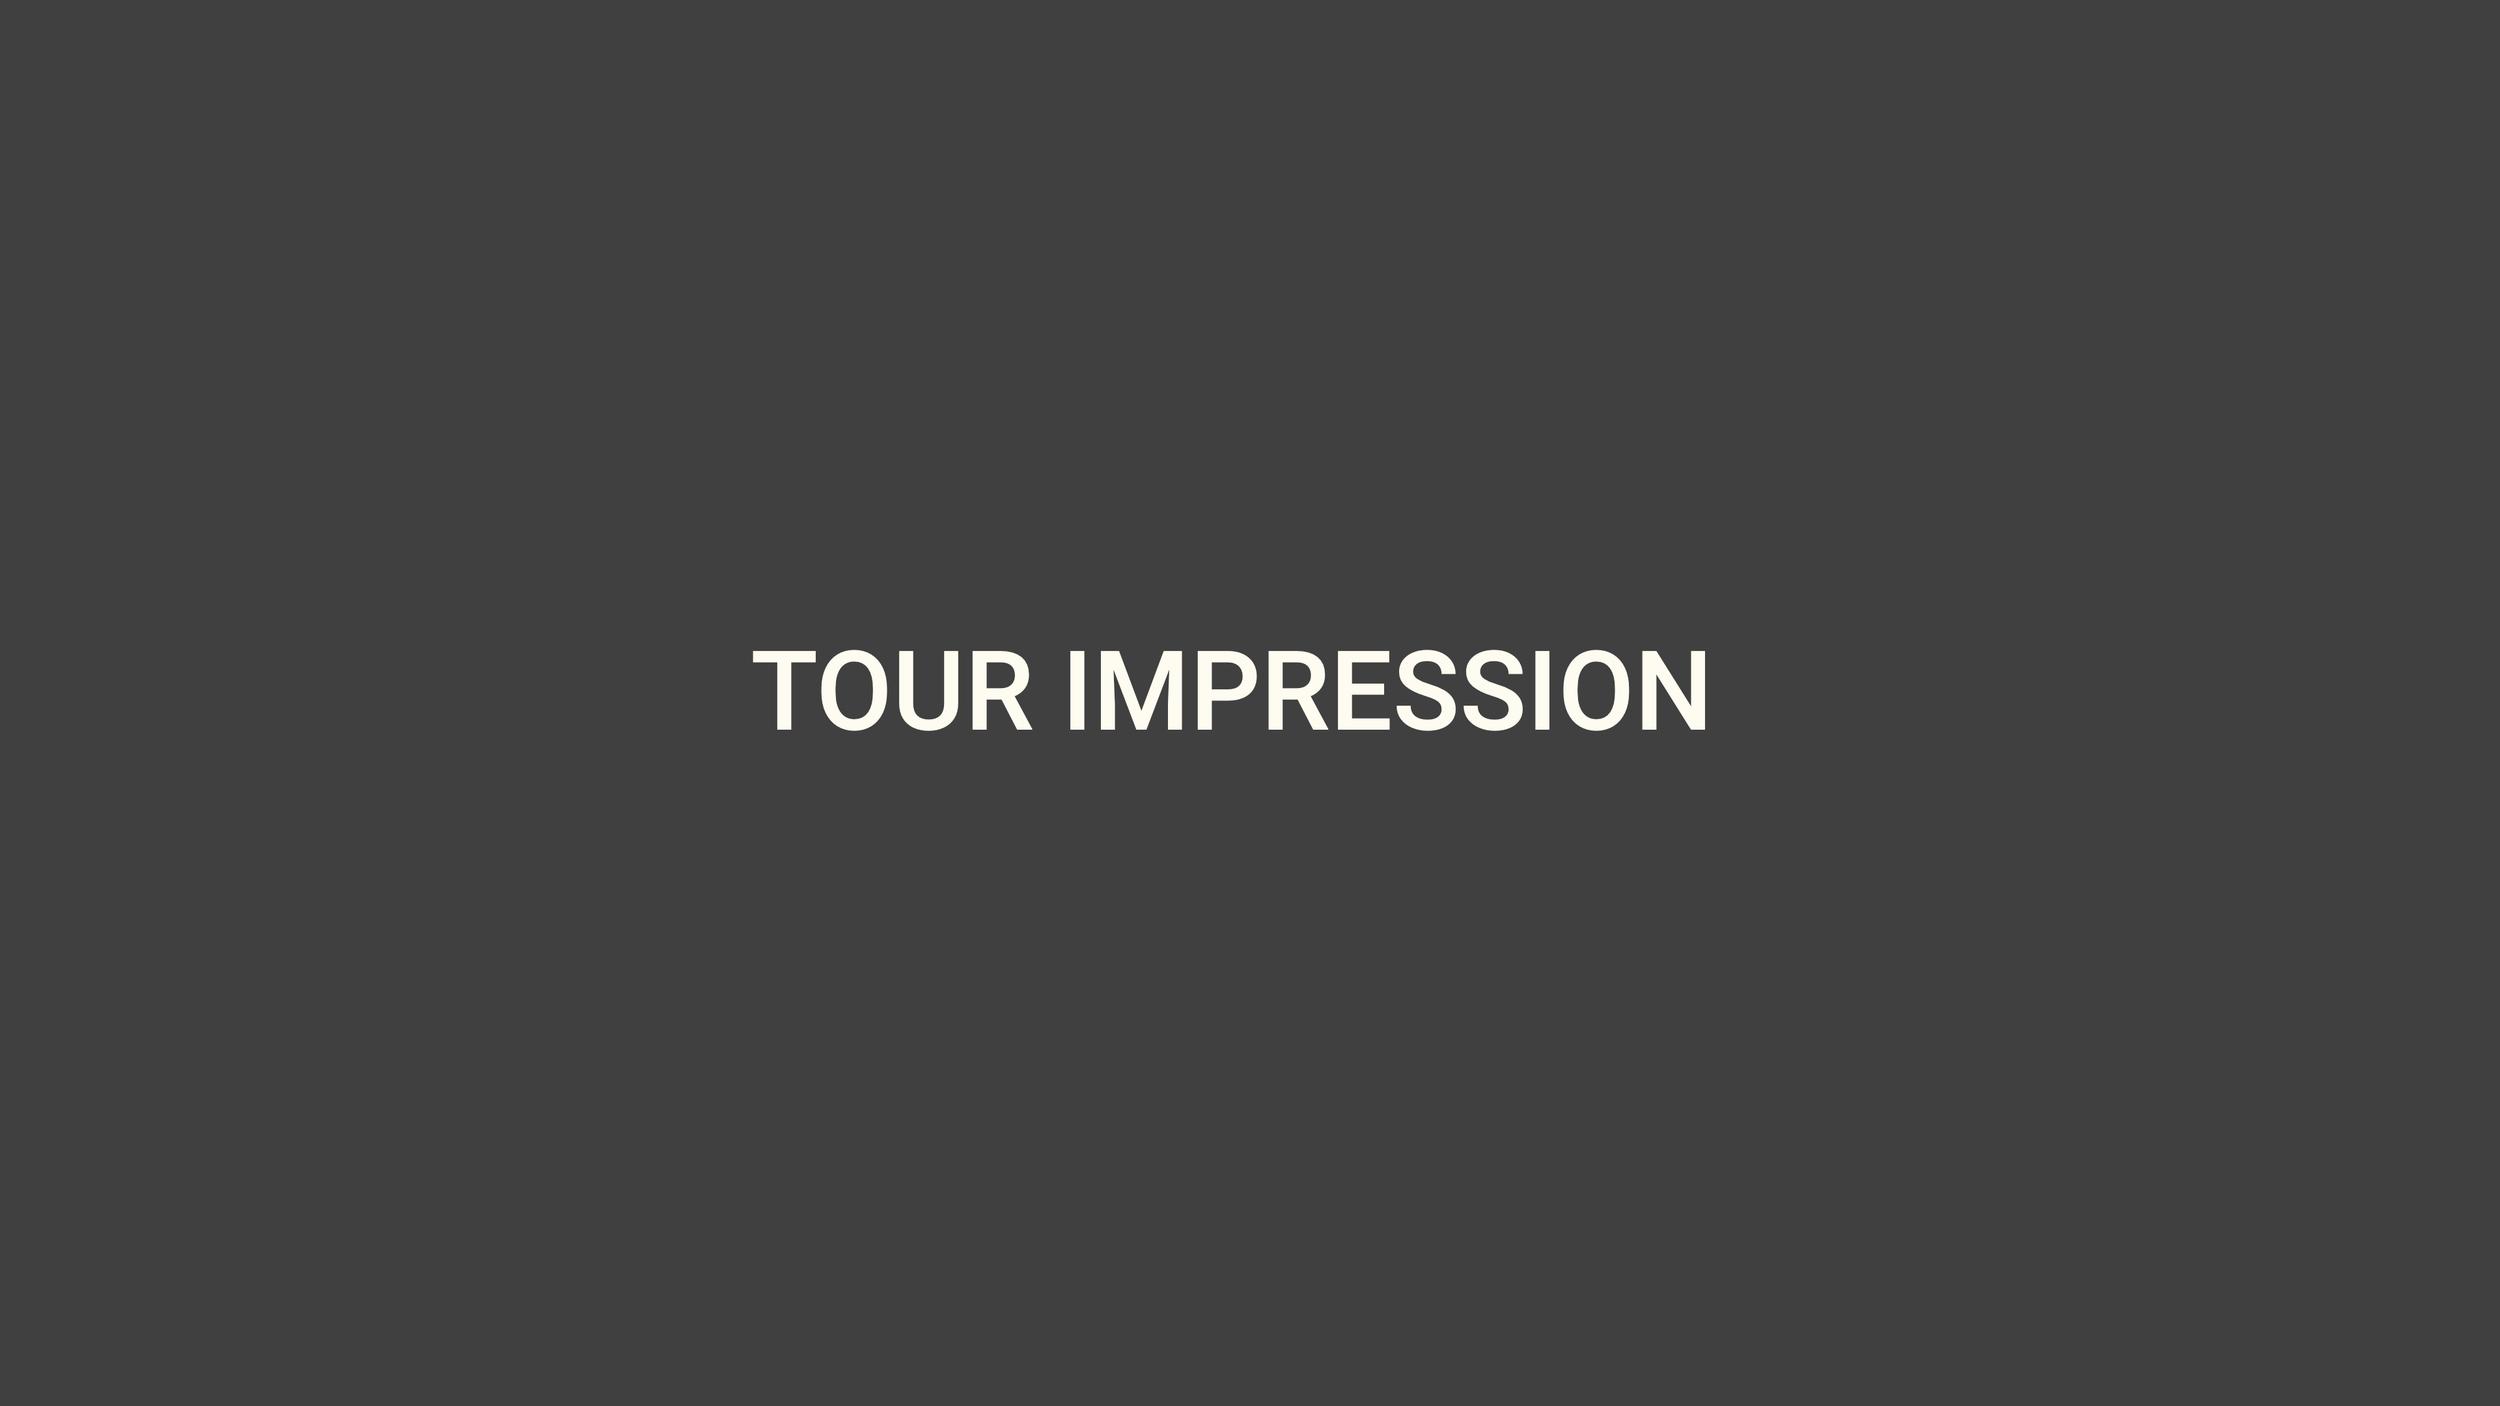 Tour Impression font 170.png